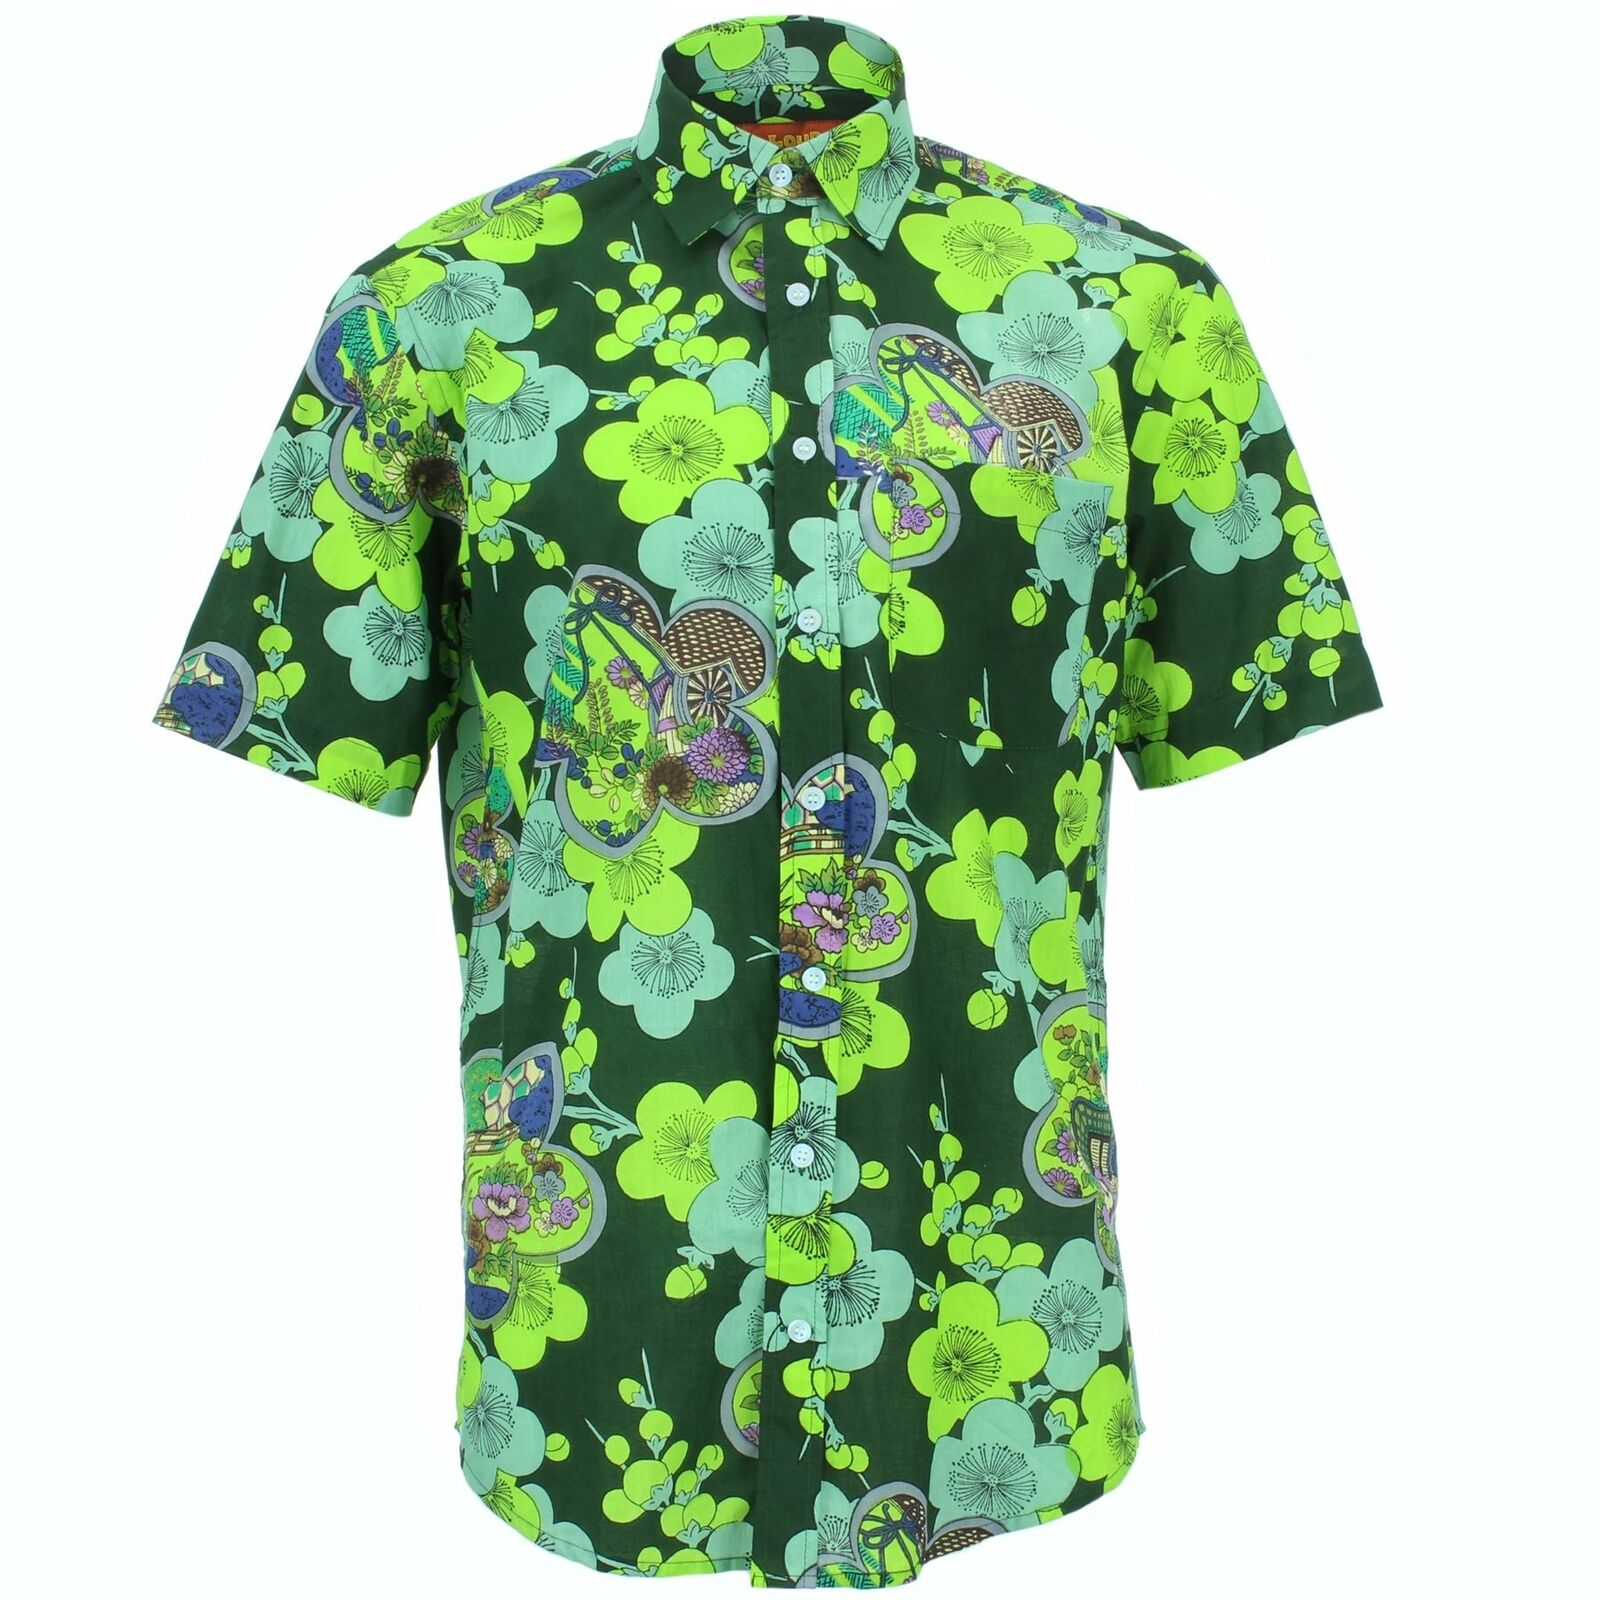 Mens Shirt Loud Originals REGULAR FIT Abstract Grün Retro Psychedelic Fancy  | Abrechnungspreis  | Online einkaufen  | Erste Klasse in seiner Klasse